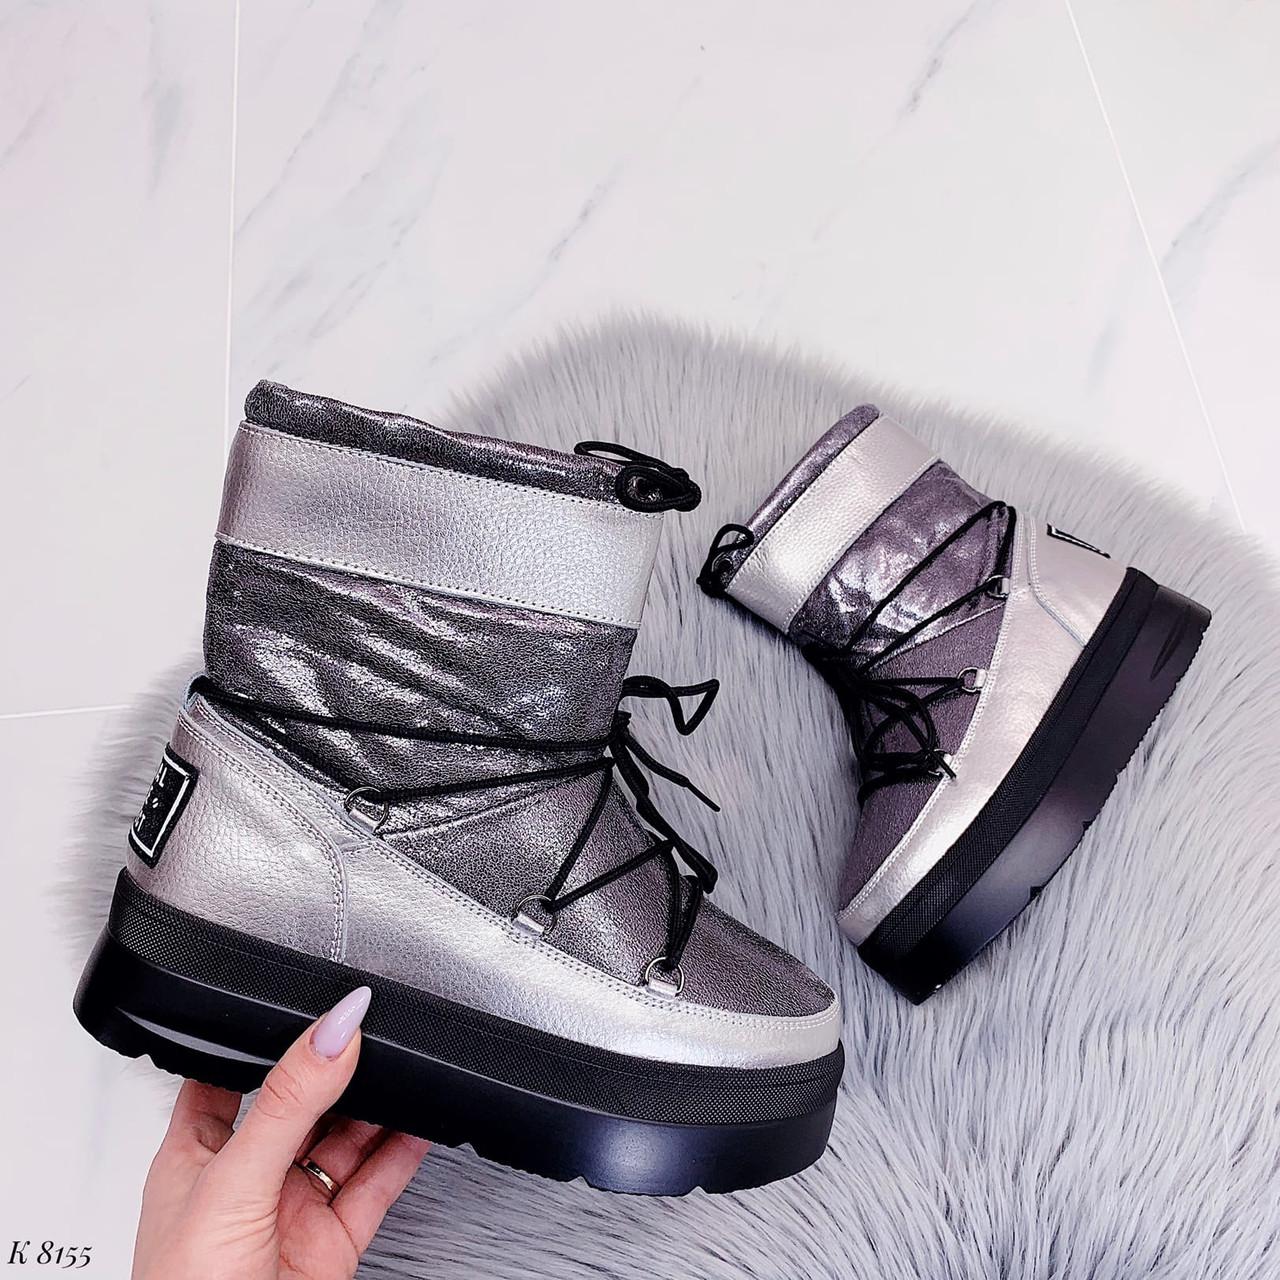 23 см Ботинки женские зимние серебристые серебро кожаные на толстой подошве платформе из натуральной кожи кожа